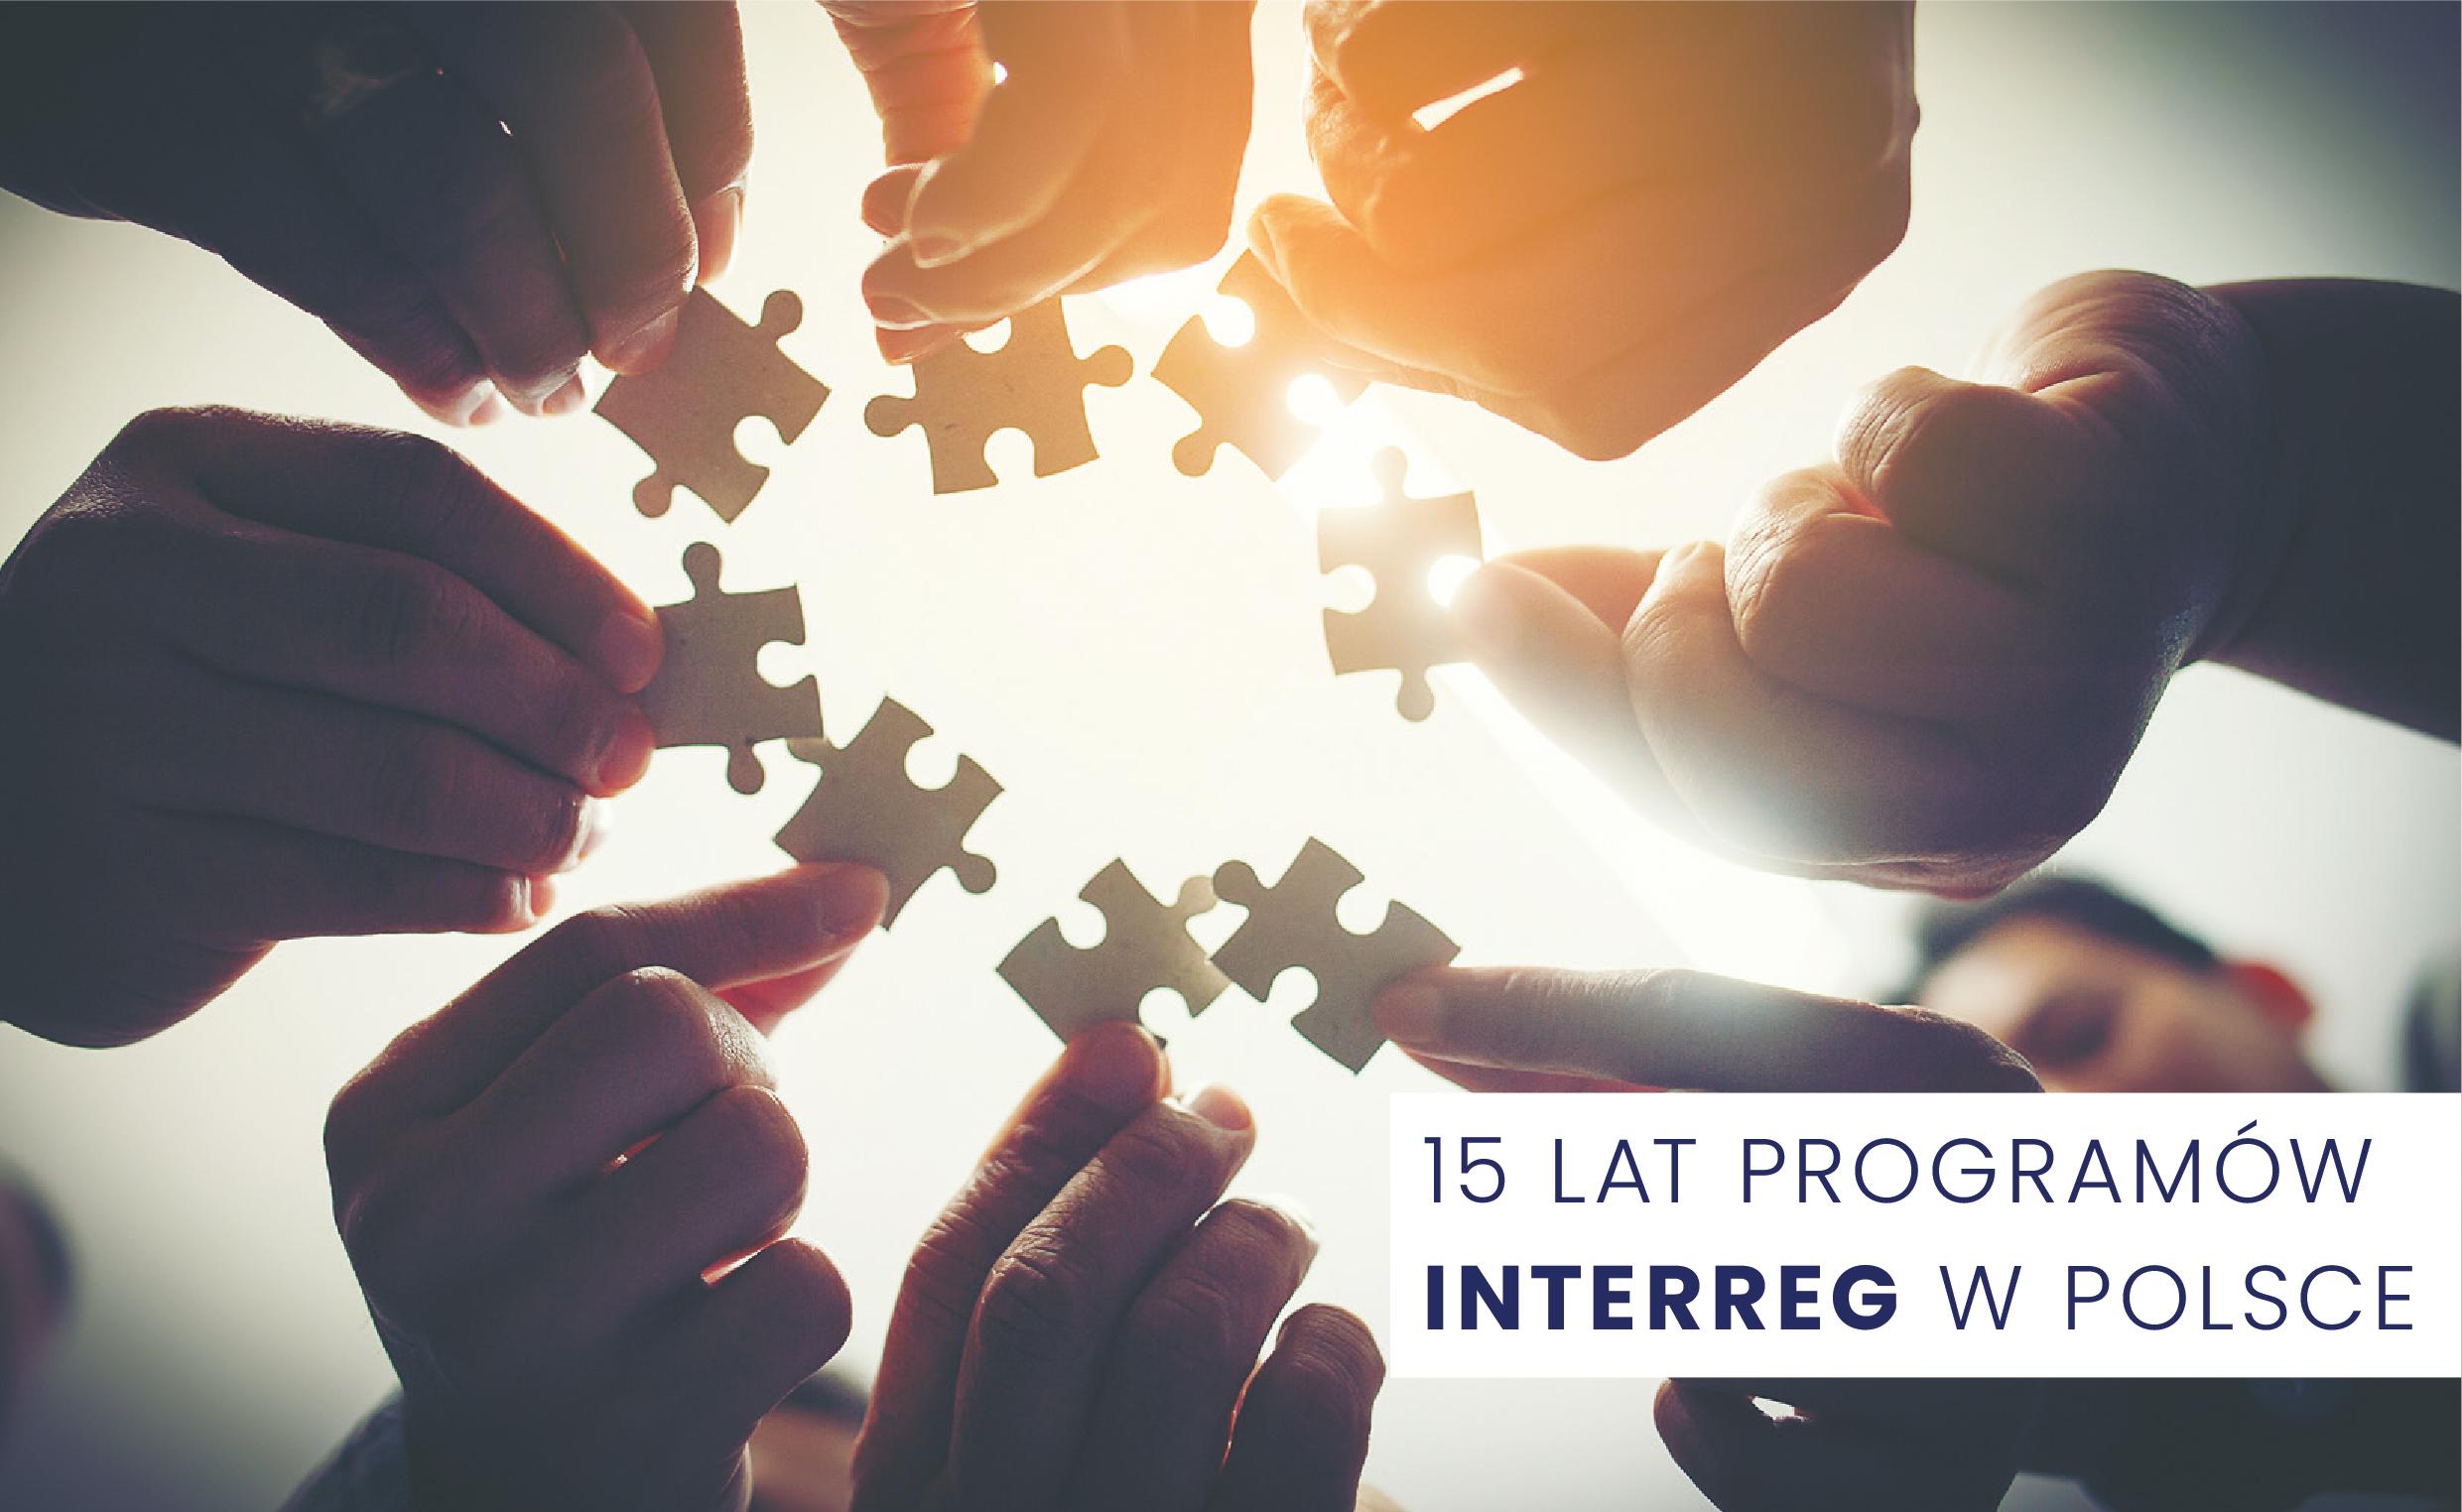 15 lat programów Interreg w Polsce – zapraszamy do lektury publikacji!